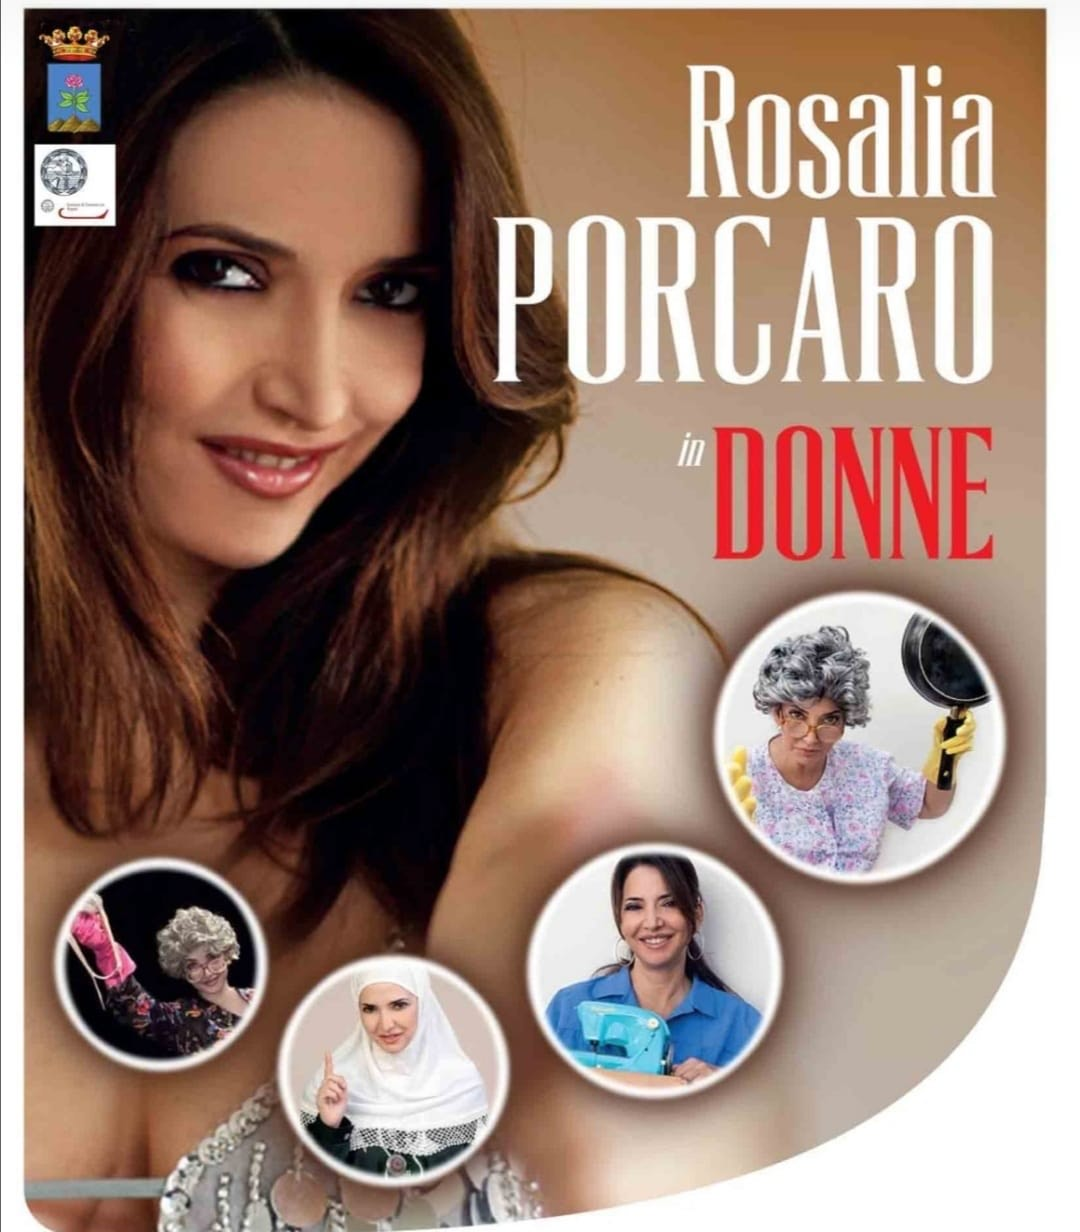 Spettacolo Rosaria Porcaro a Forio Ischia